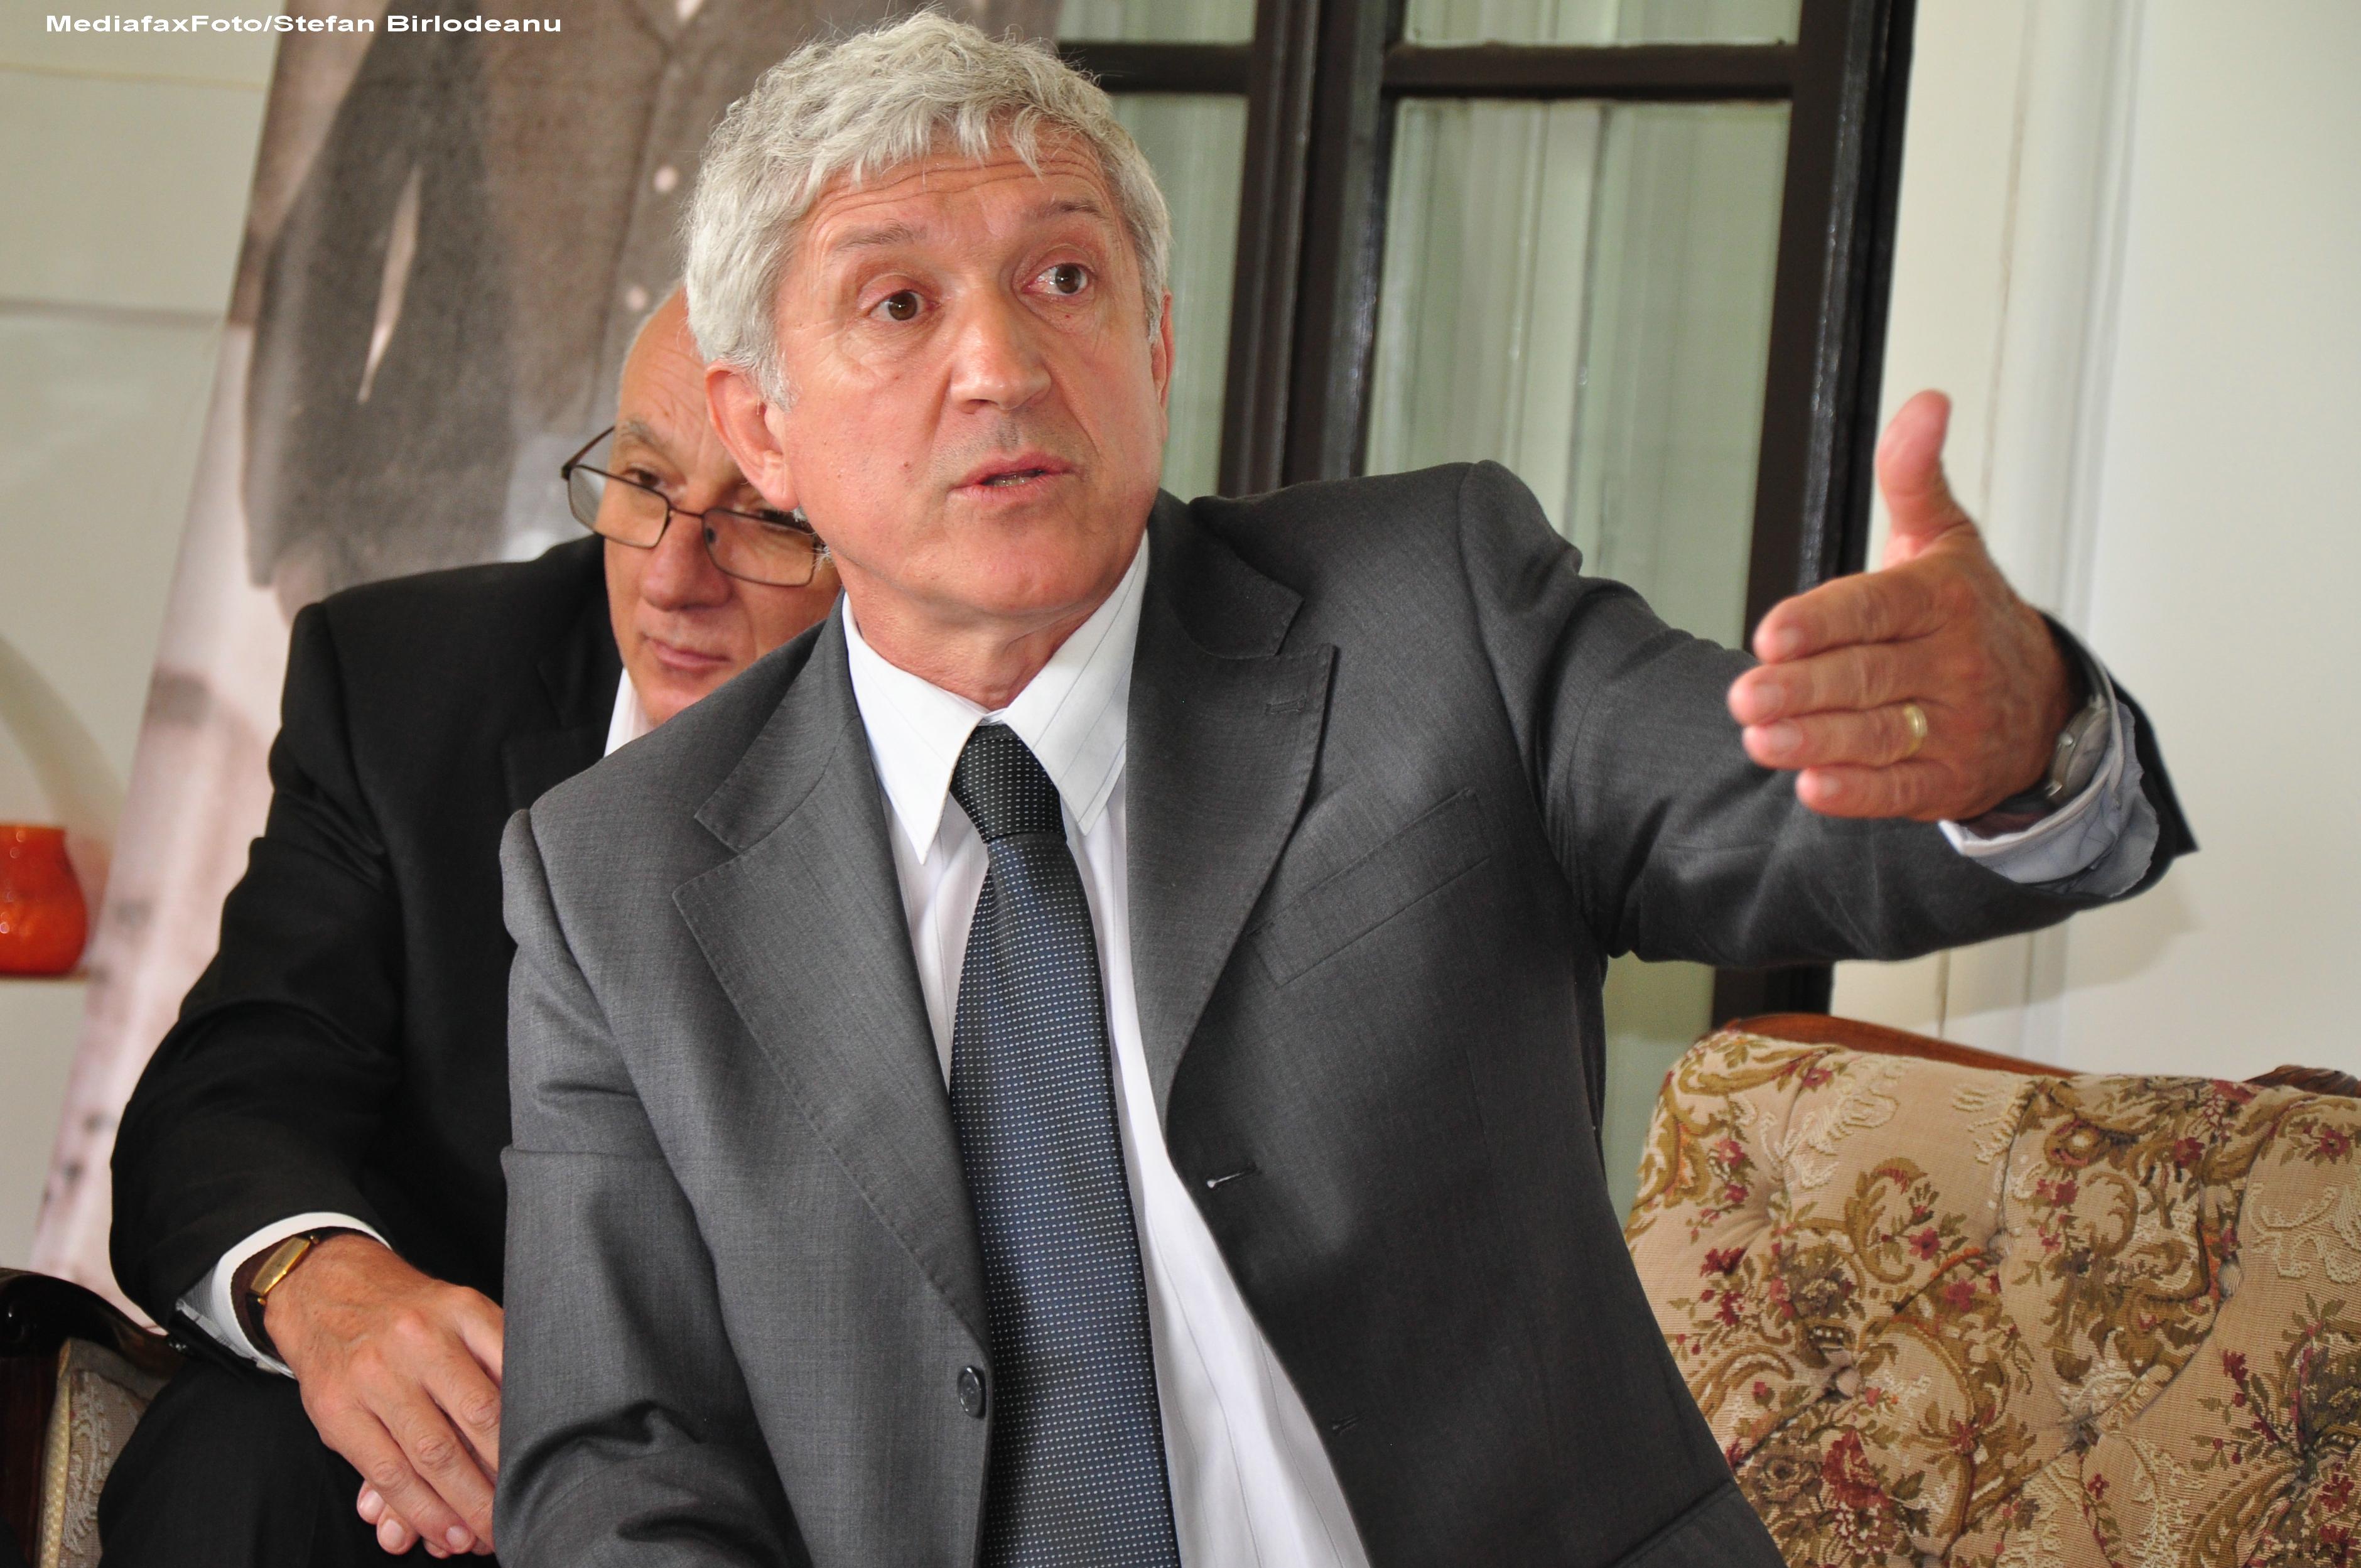 Mircea Diaconu a fost achitat pentru conflict de interese. Decizia poate fi atacata cu apel la Inalta Curte de Casatie